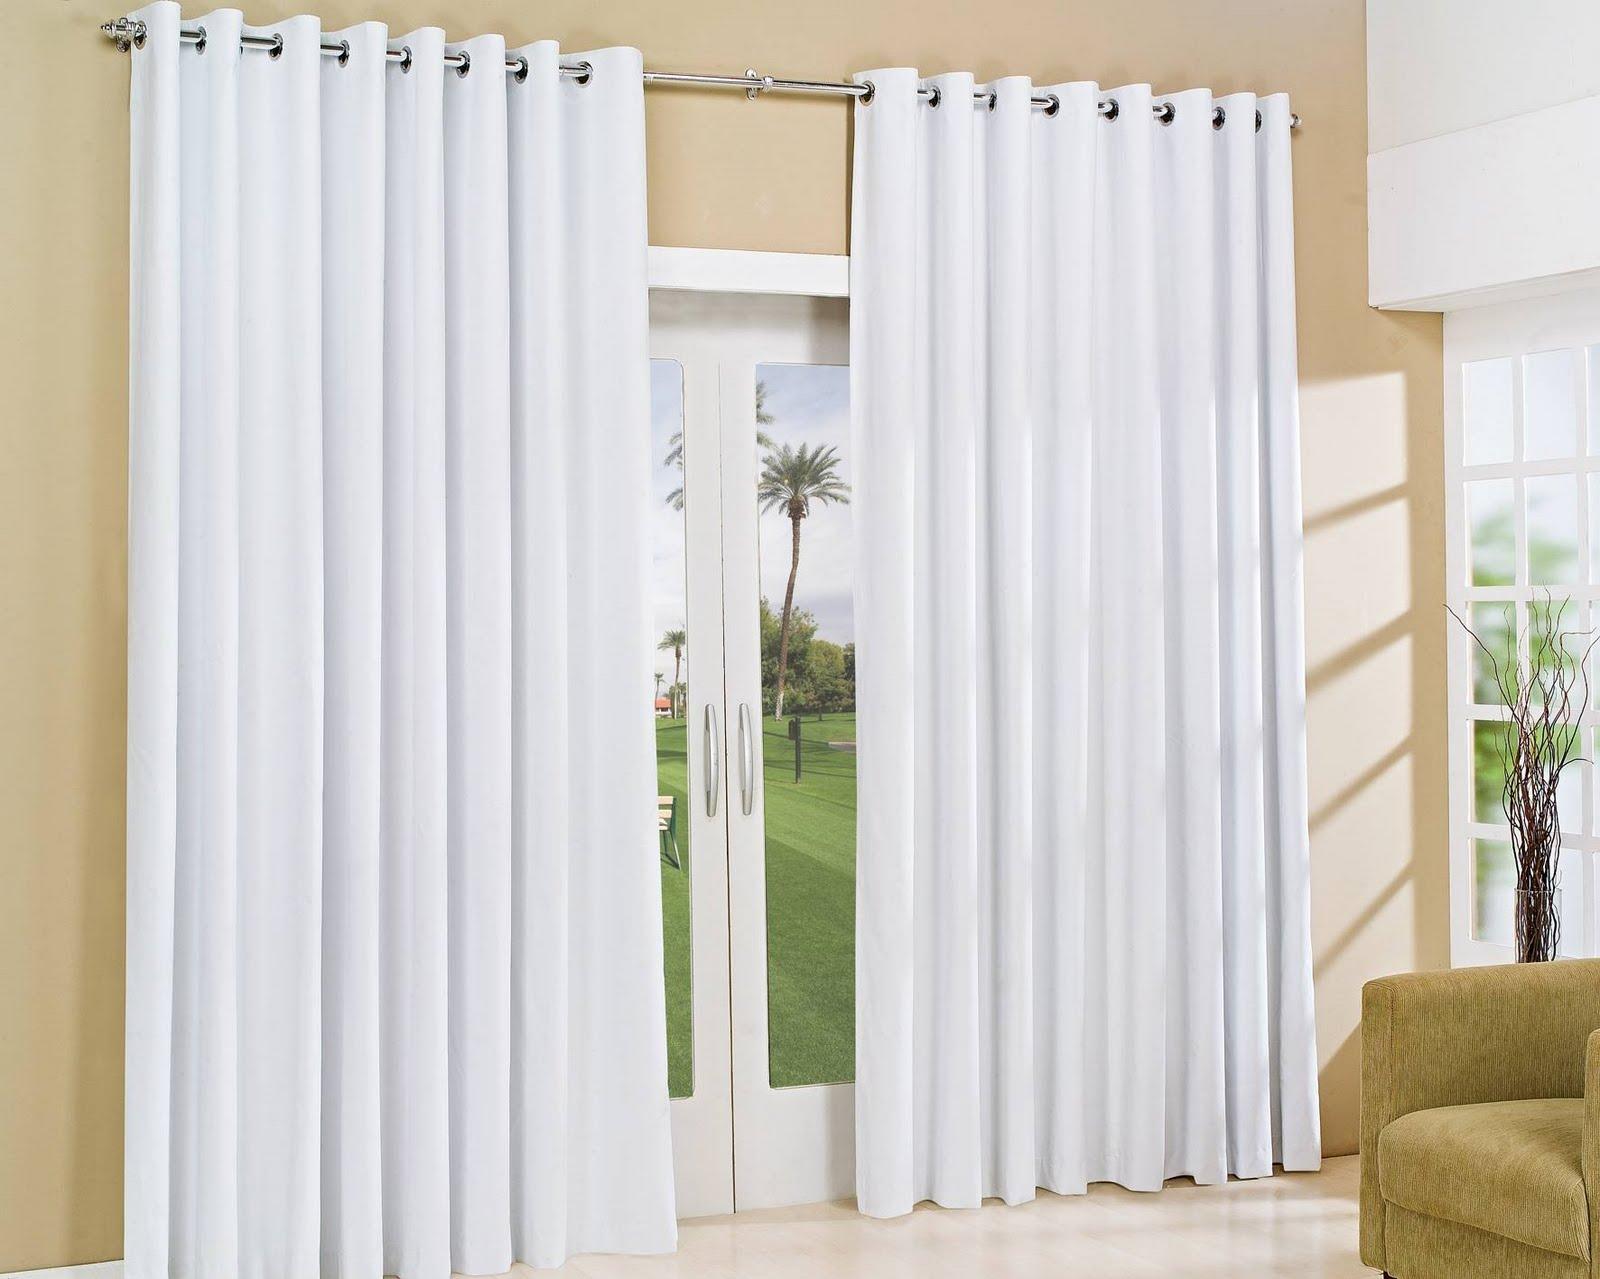 Lavar cortina em casa na maquina de lavar dicas da lucy for Cortinas de living